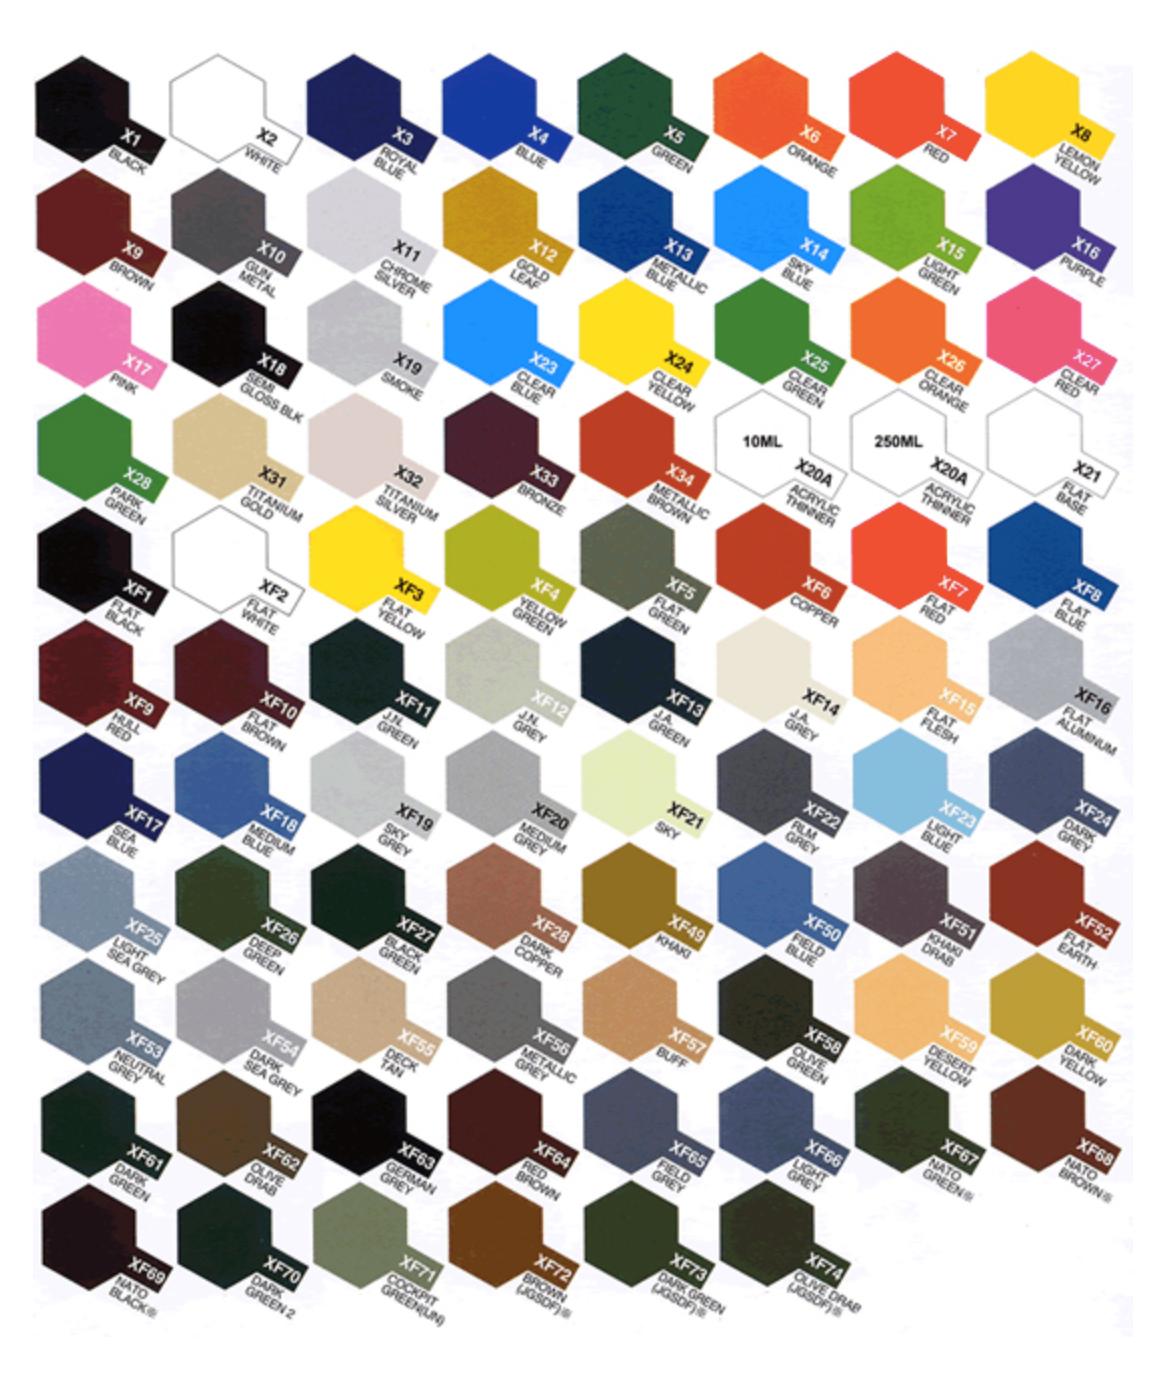 Пример палитры акриловых красок от компании Tamiya. Можно выбрать любой цвет из огромного диапазона: от обычного Flat Black до Titanium Gold. Источник: 3hobby.ru